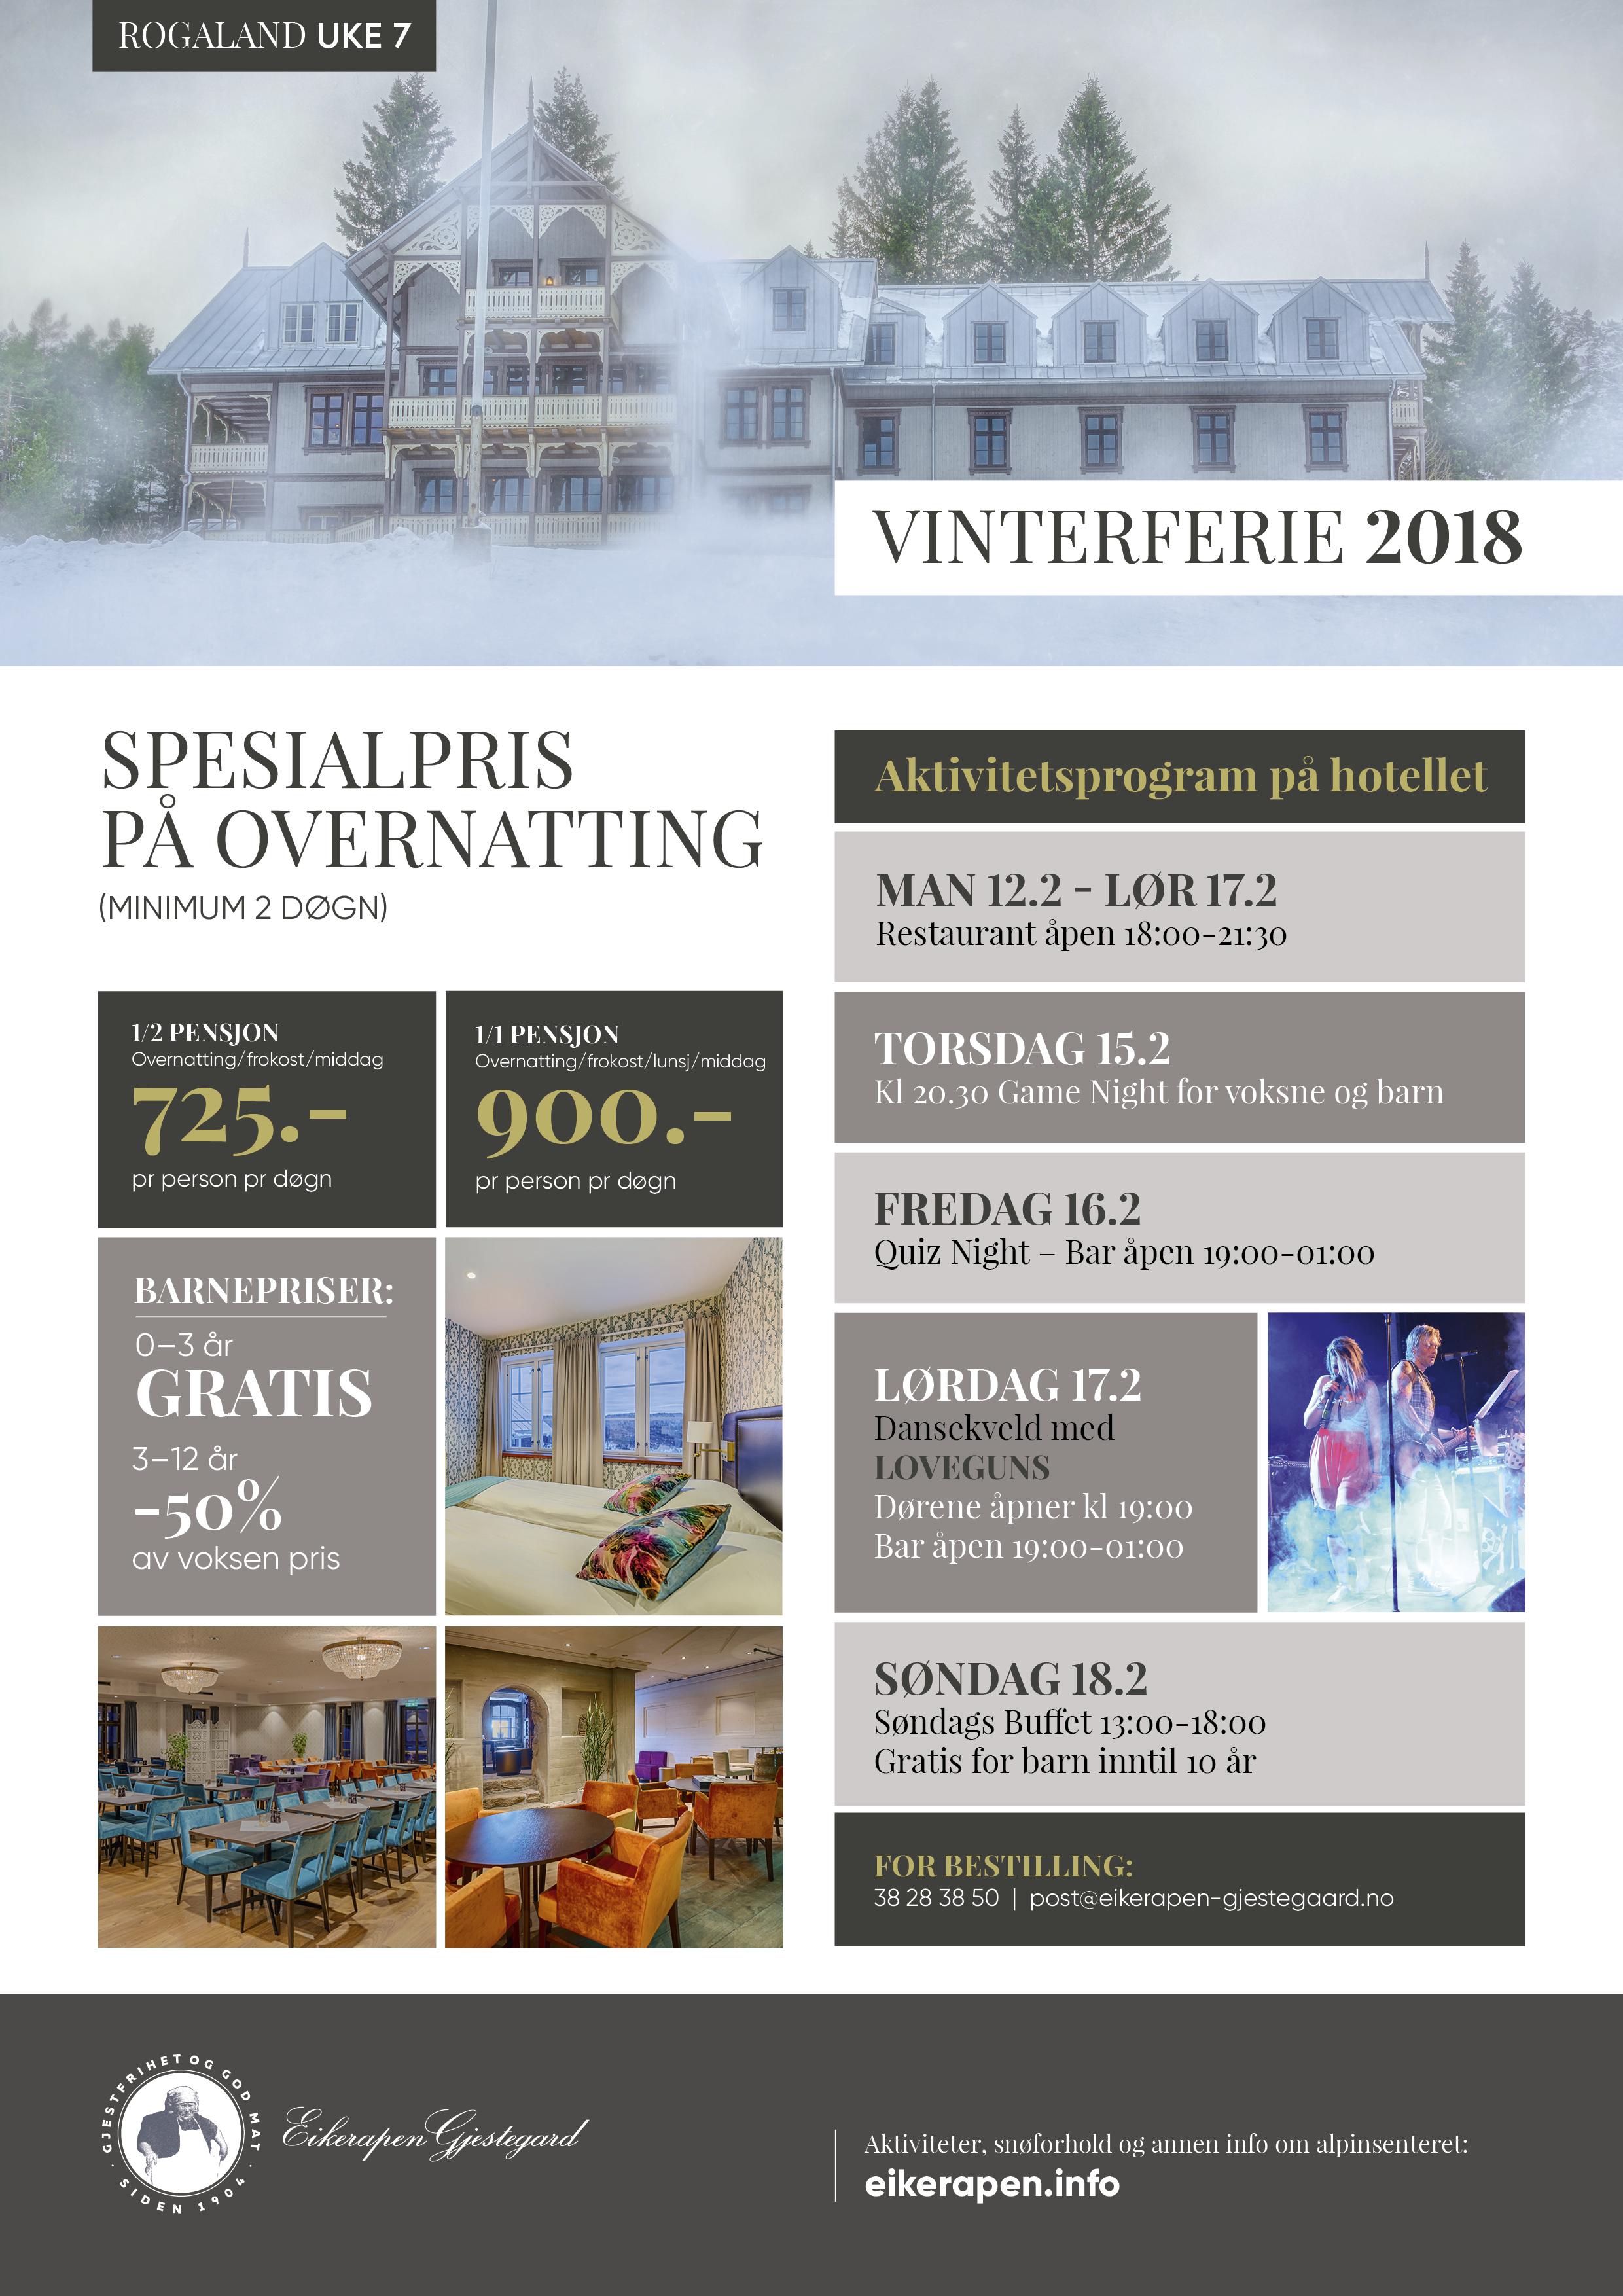 Vinterferie 2018 Rogaland